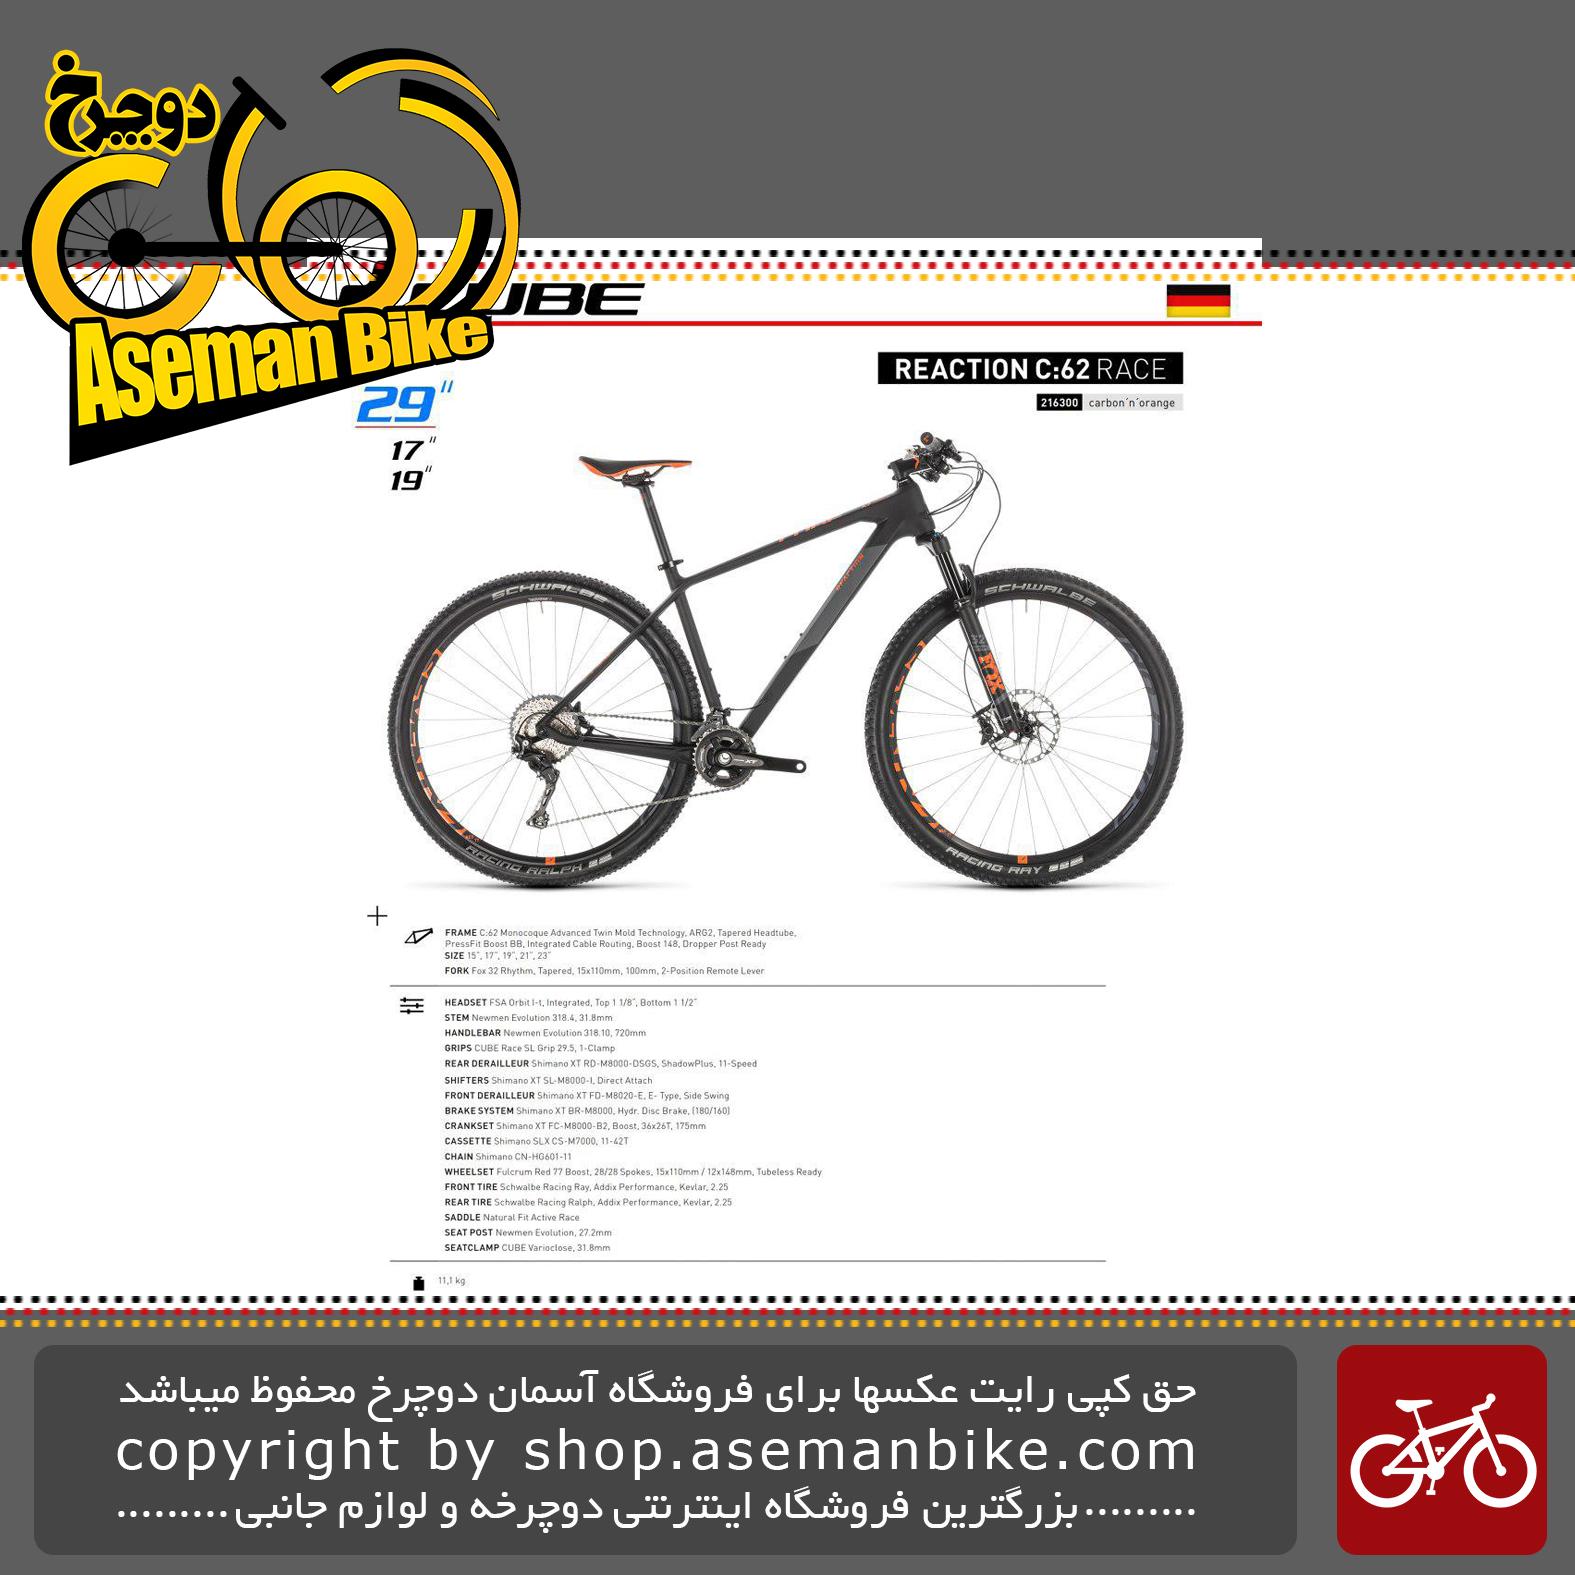 دوچرخه کوهستان کیوب مدل ری اکشن سی 62 ریس سایز 29 2019 Cube Mountain Bicycle Reaction C:62 Race 29 2019